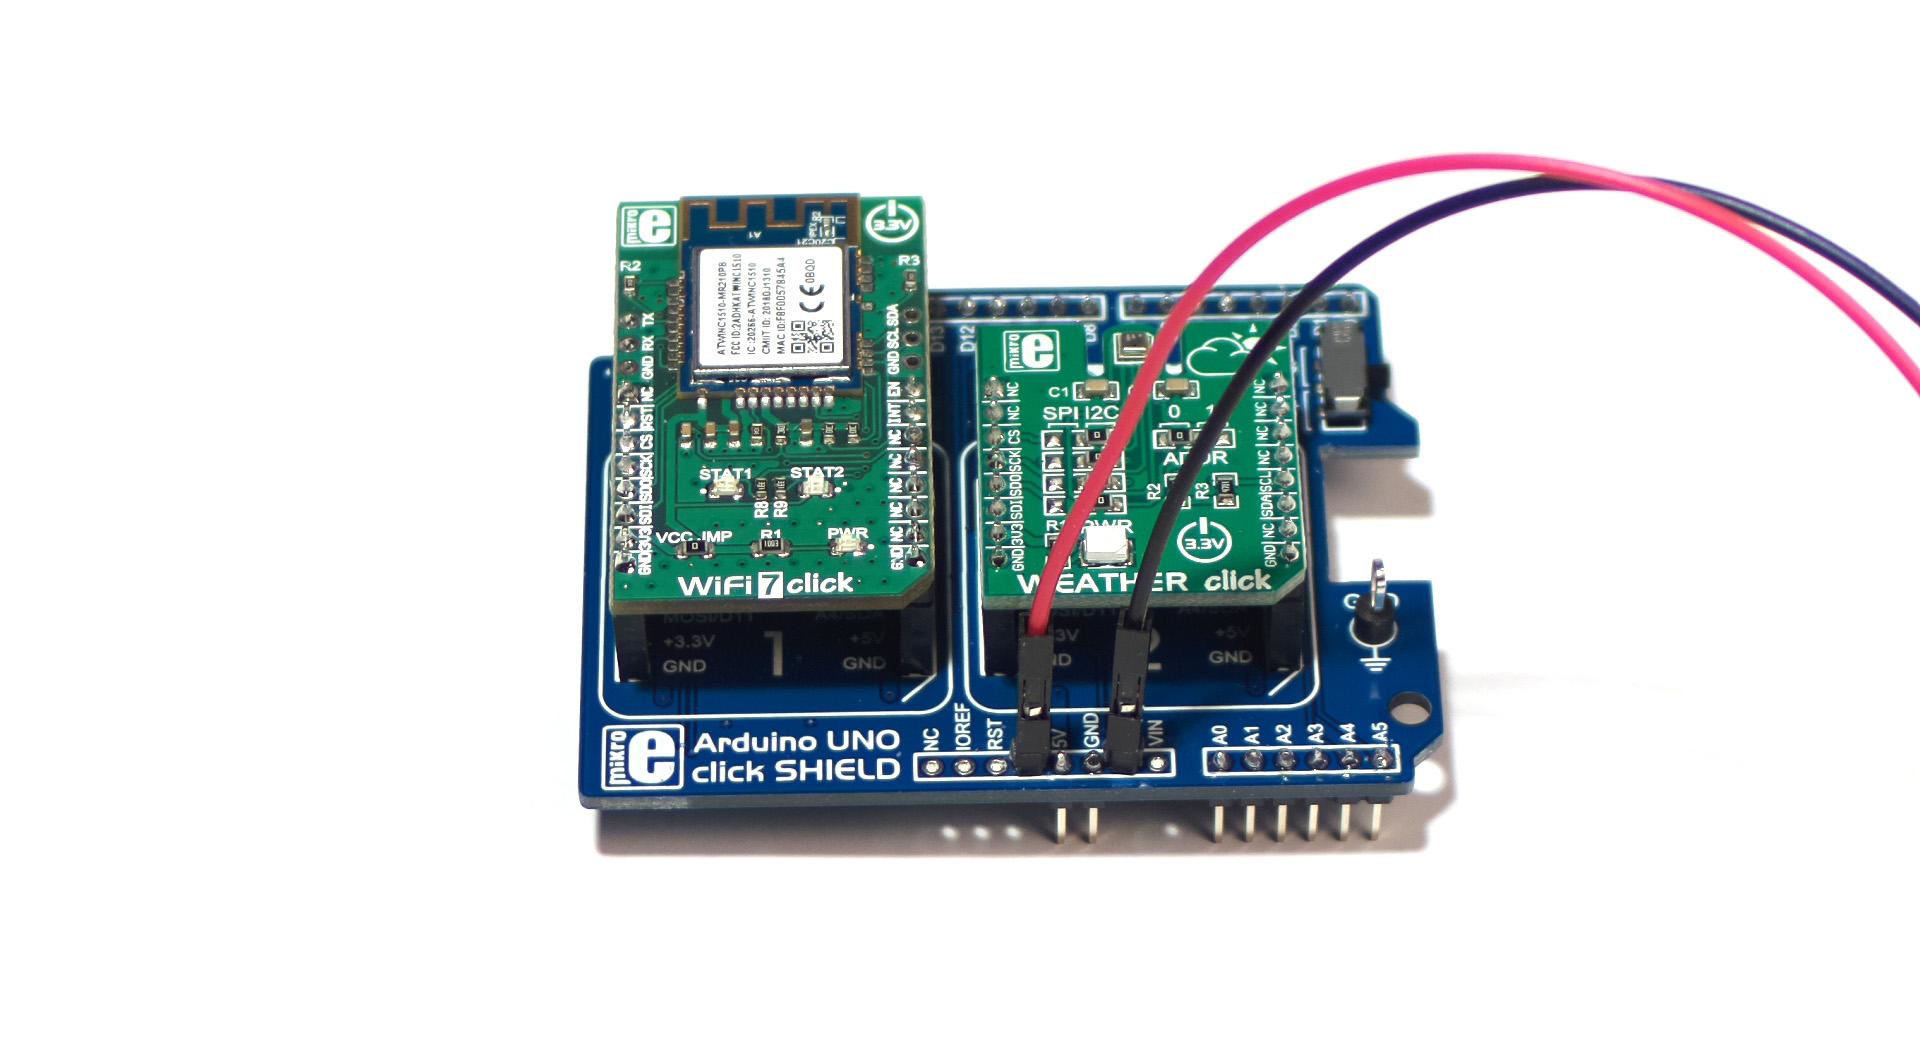 mikroe uno click shield wifi 7 weather click shield